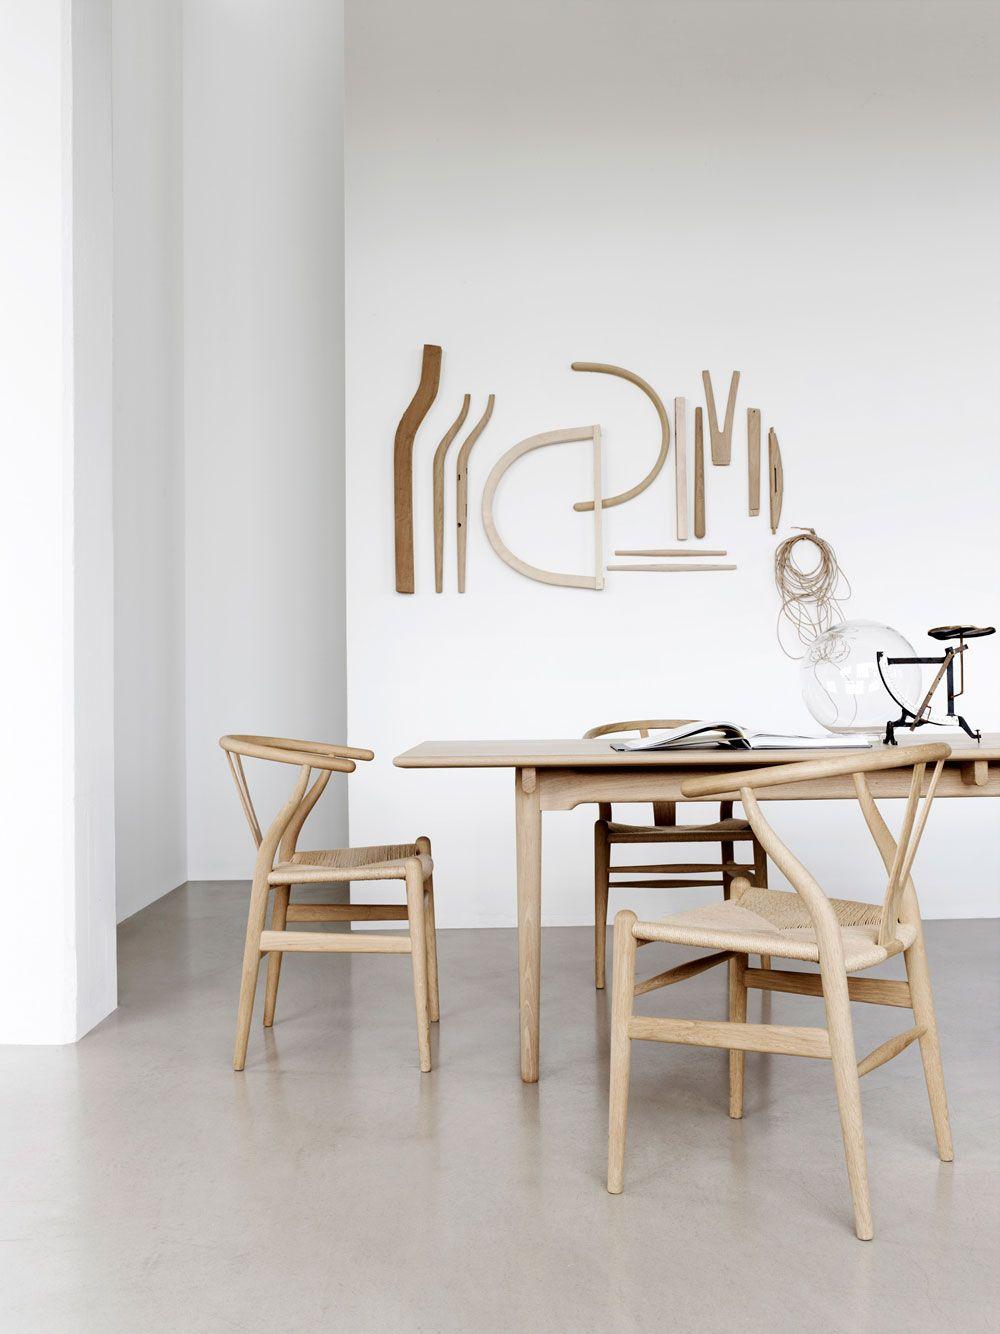 al s chairs and tables victorian rosewood der wishbone chair als schoner klassiker woods